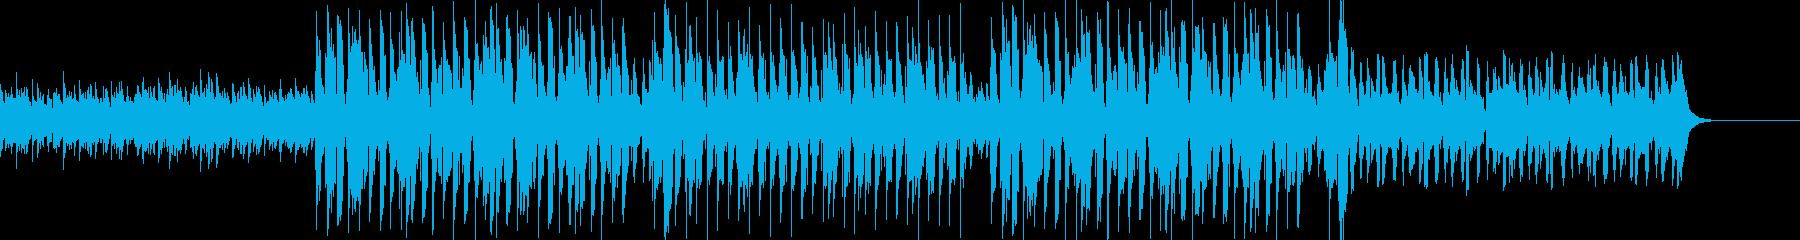 アンビエントとヒップホップの融合の再生済みの波形